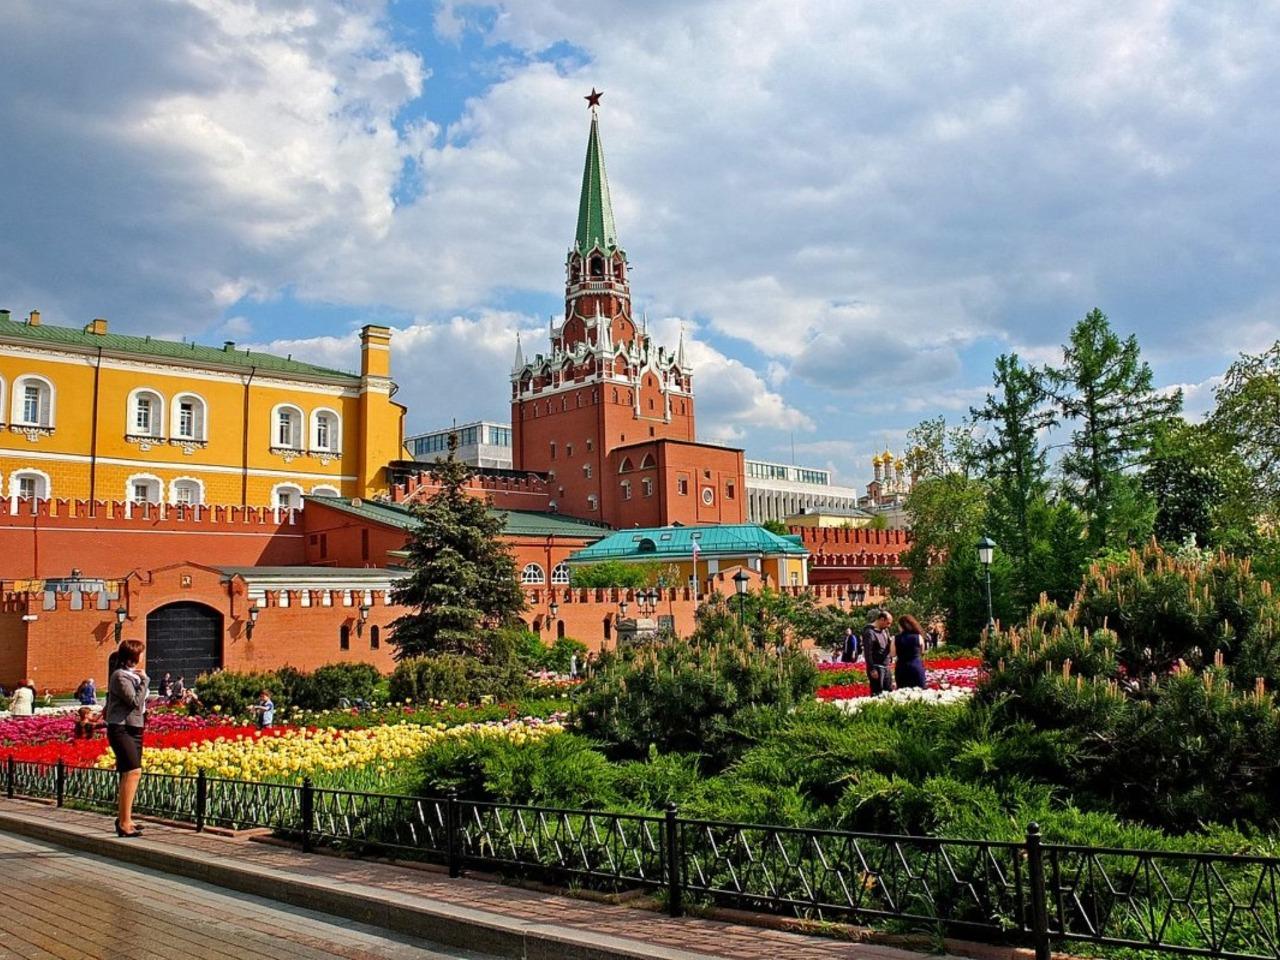 Прогулка по Александровскому саду+Красная площадь  - индивидуальная экскурсия по Москве от опытного гида